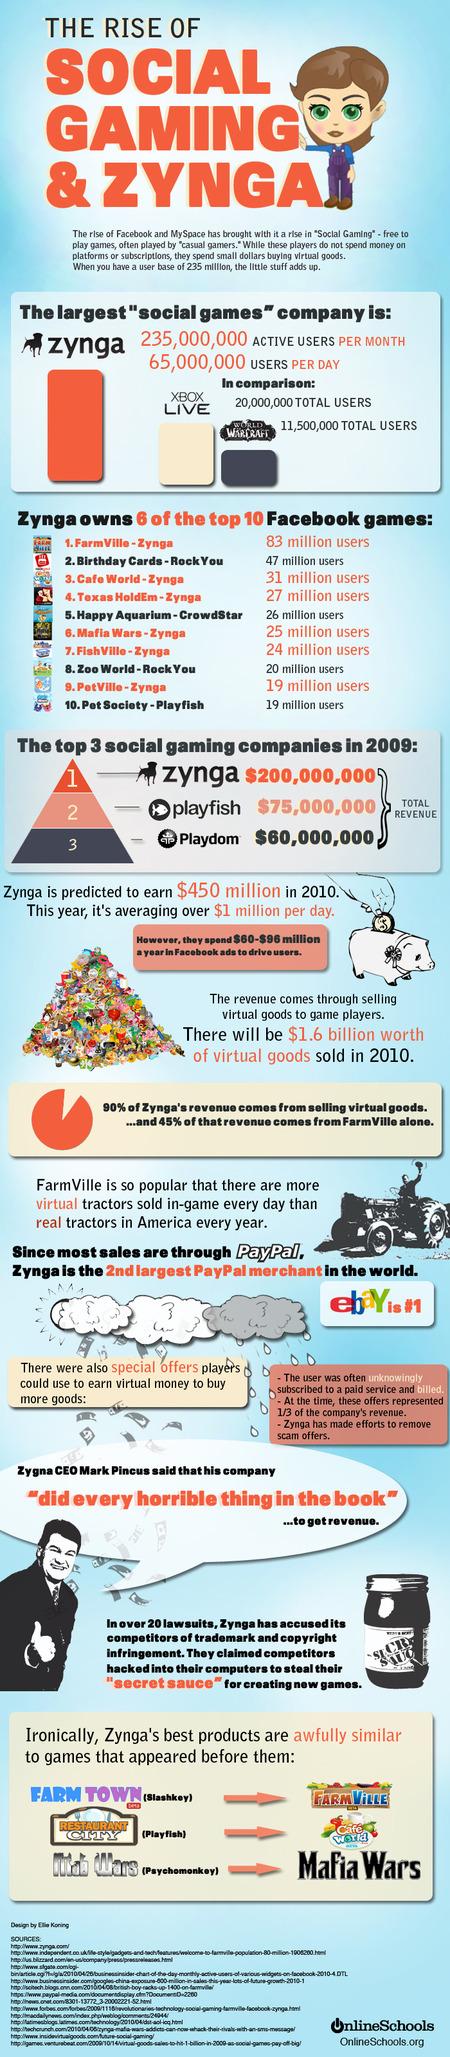 Social Gaming & Zynga [Infographic]